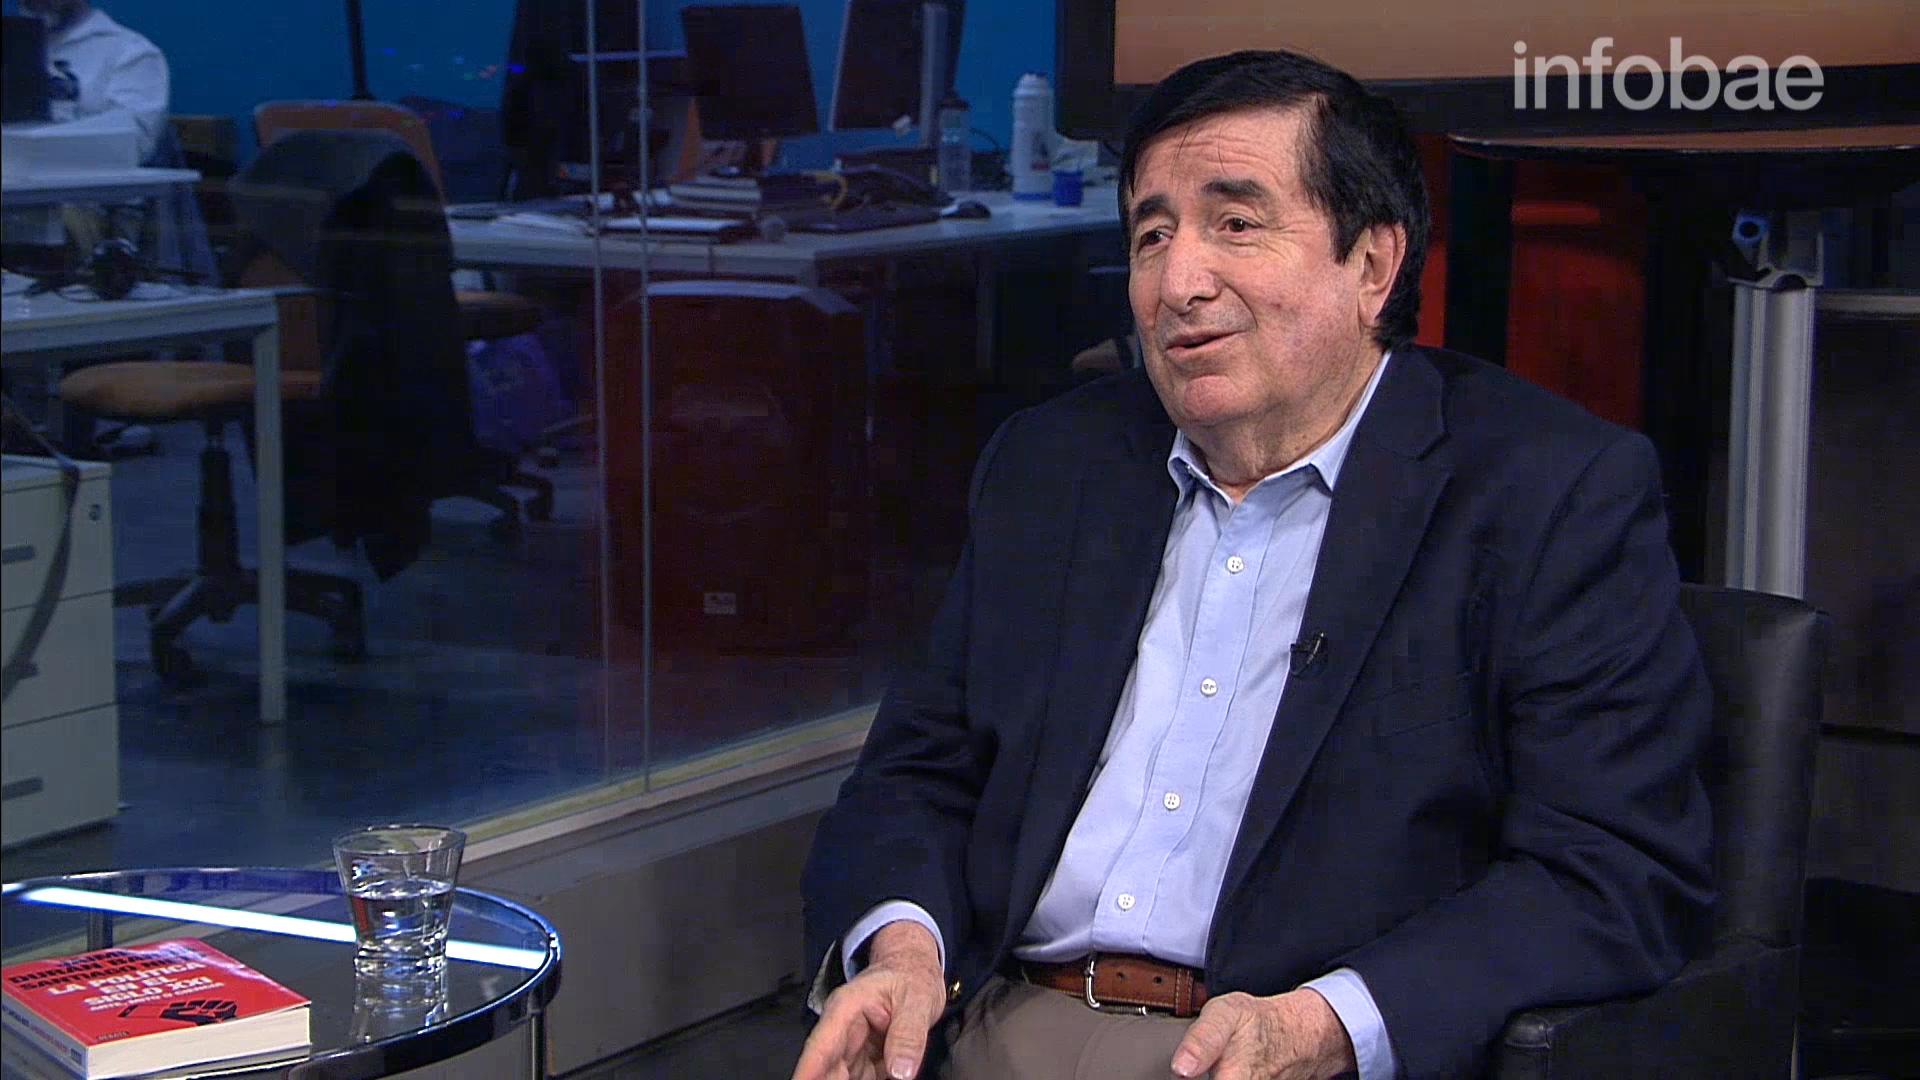 El asesor político ecuatoriano, Jaime Durán Barba, irá al encuentro de Chapadmalal que encabeza Vidal.